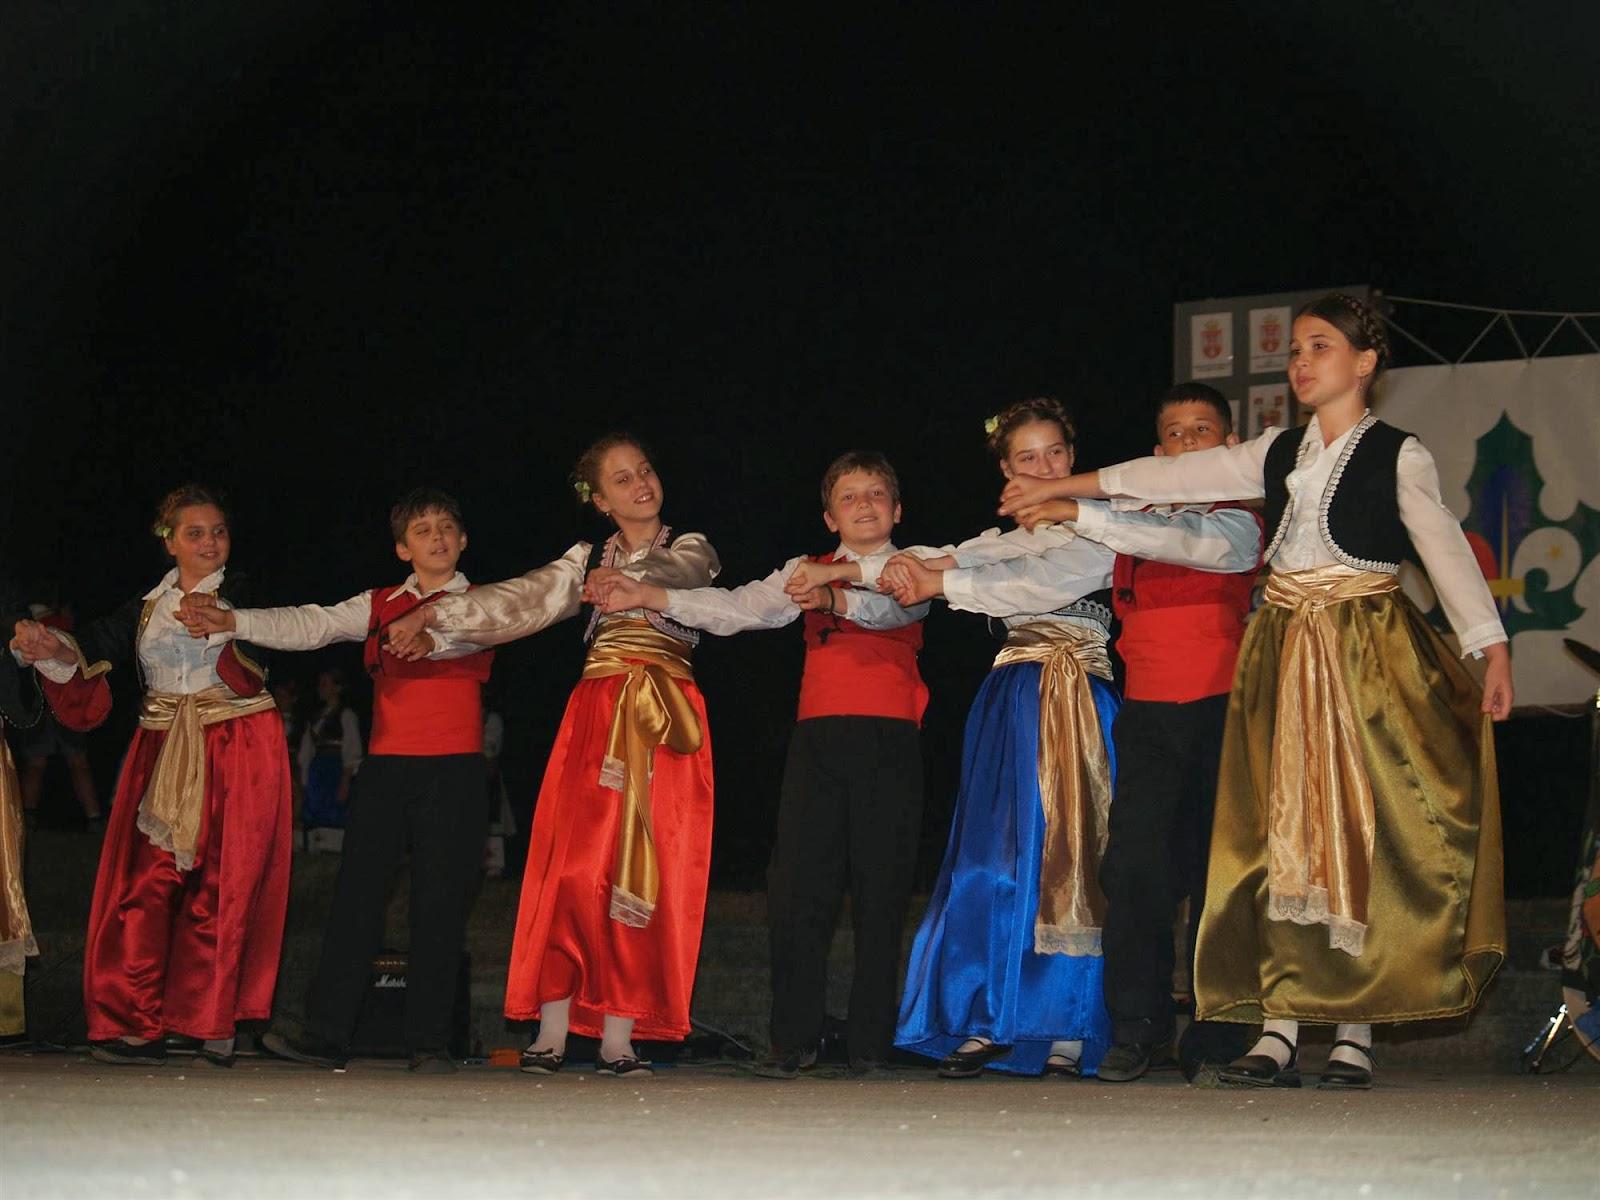 Smotra, Smotra 2006 - P0262111.JPG